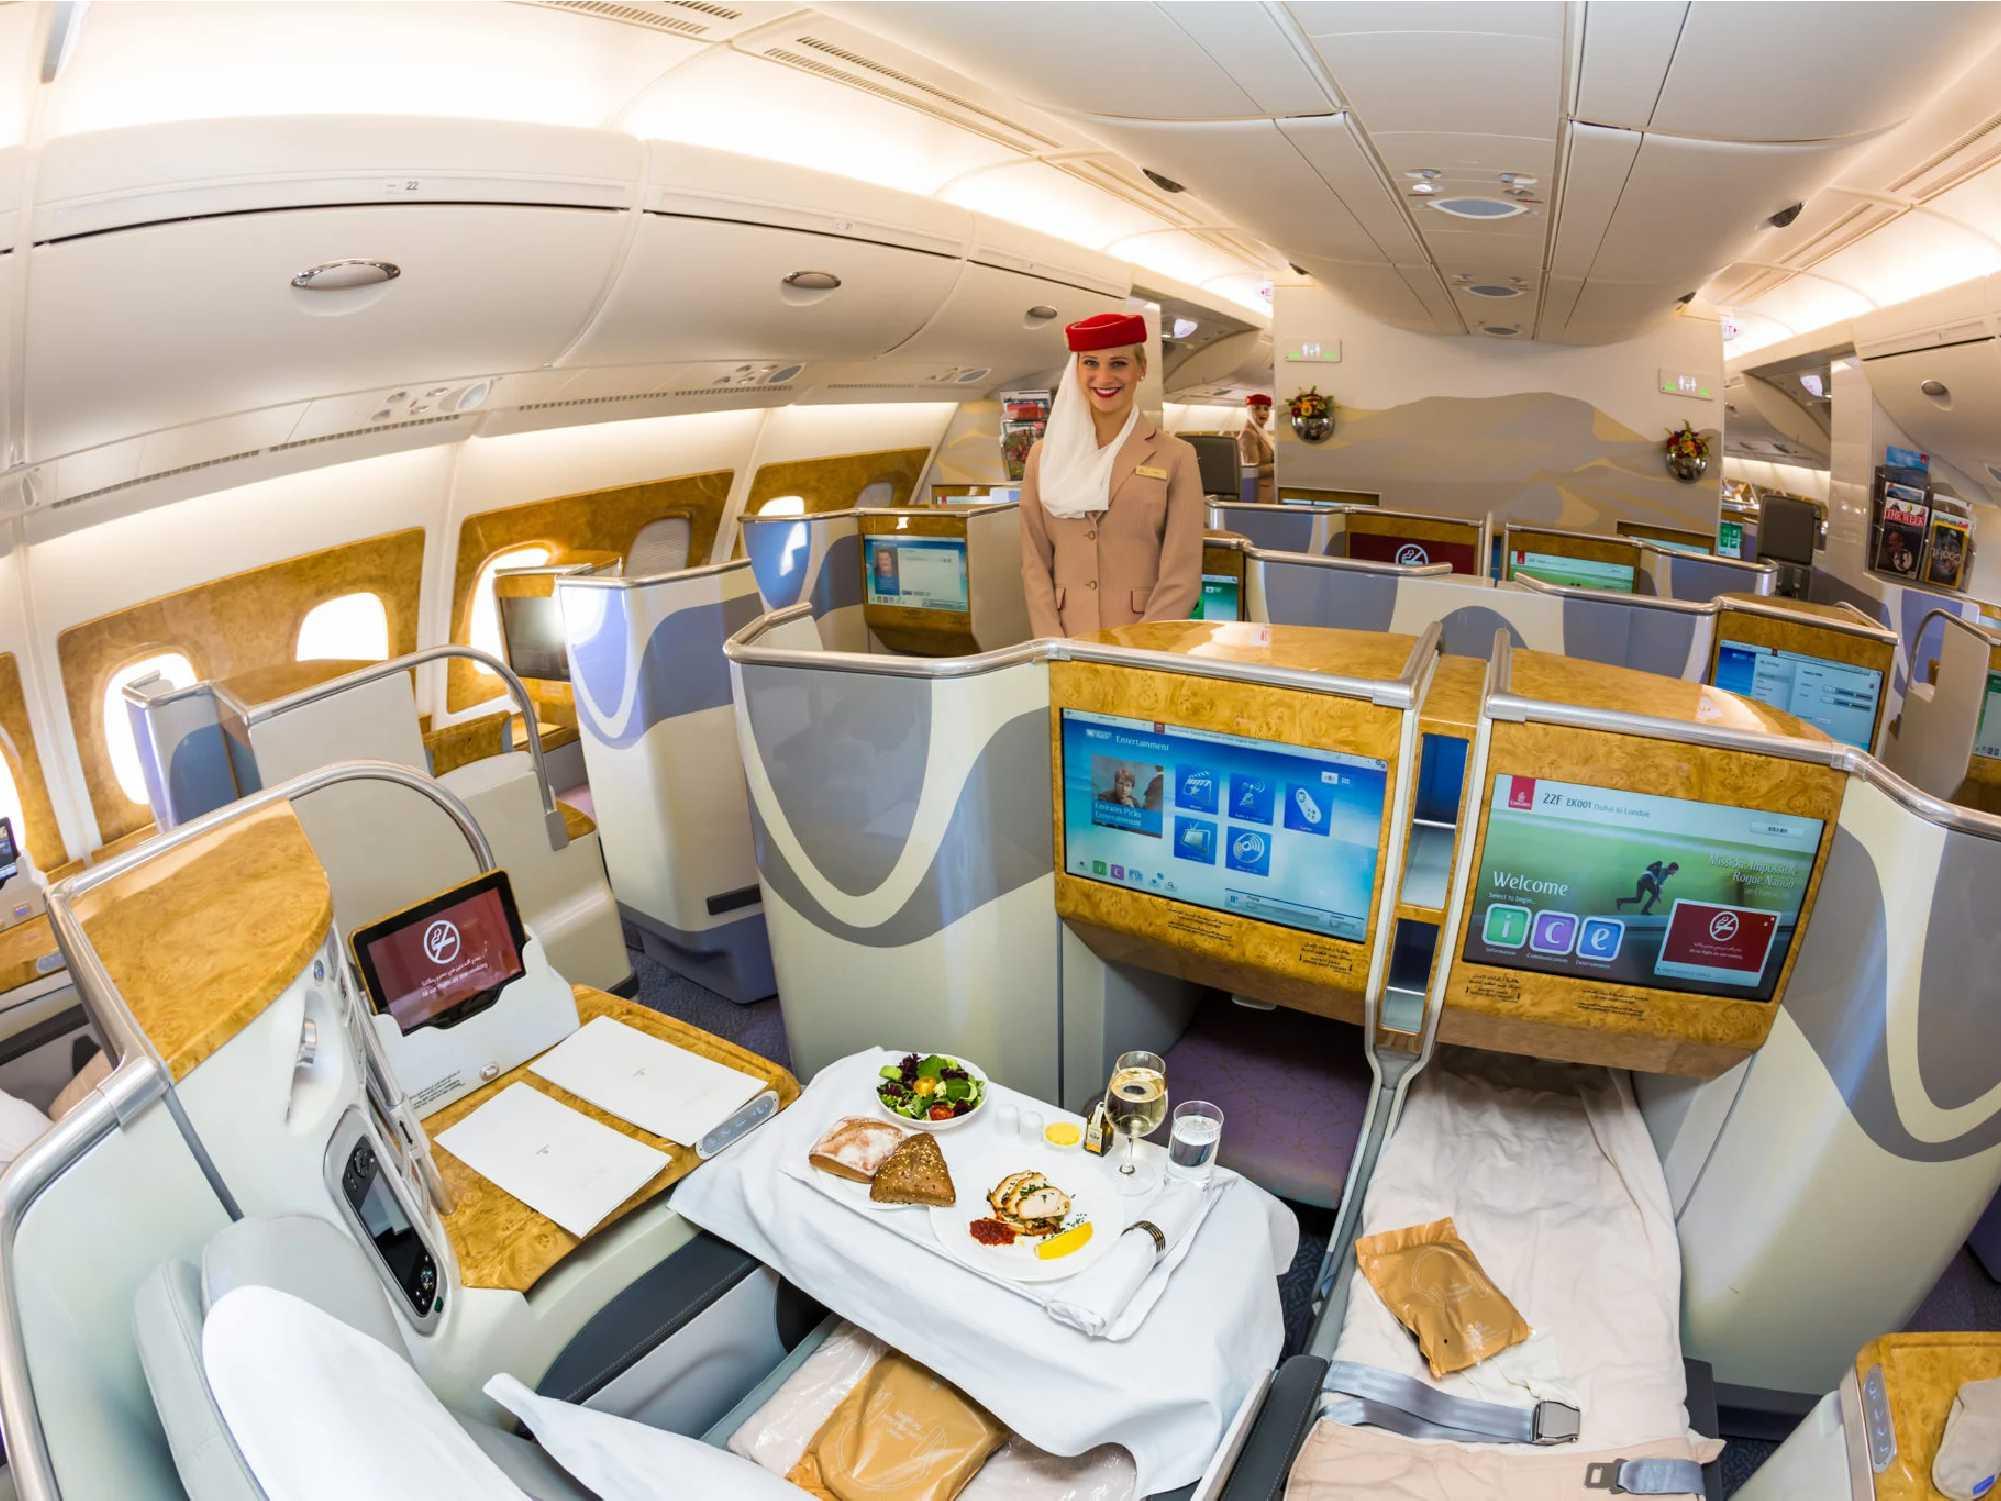 Business Class Travel